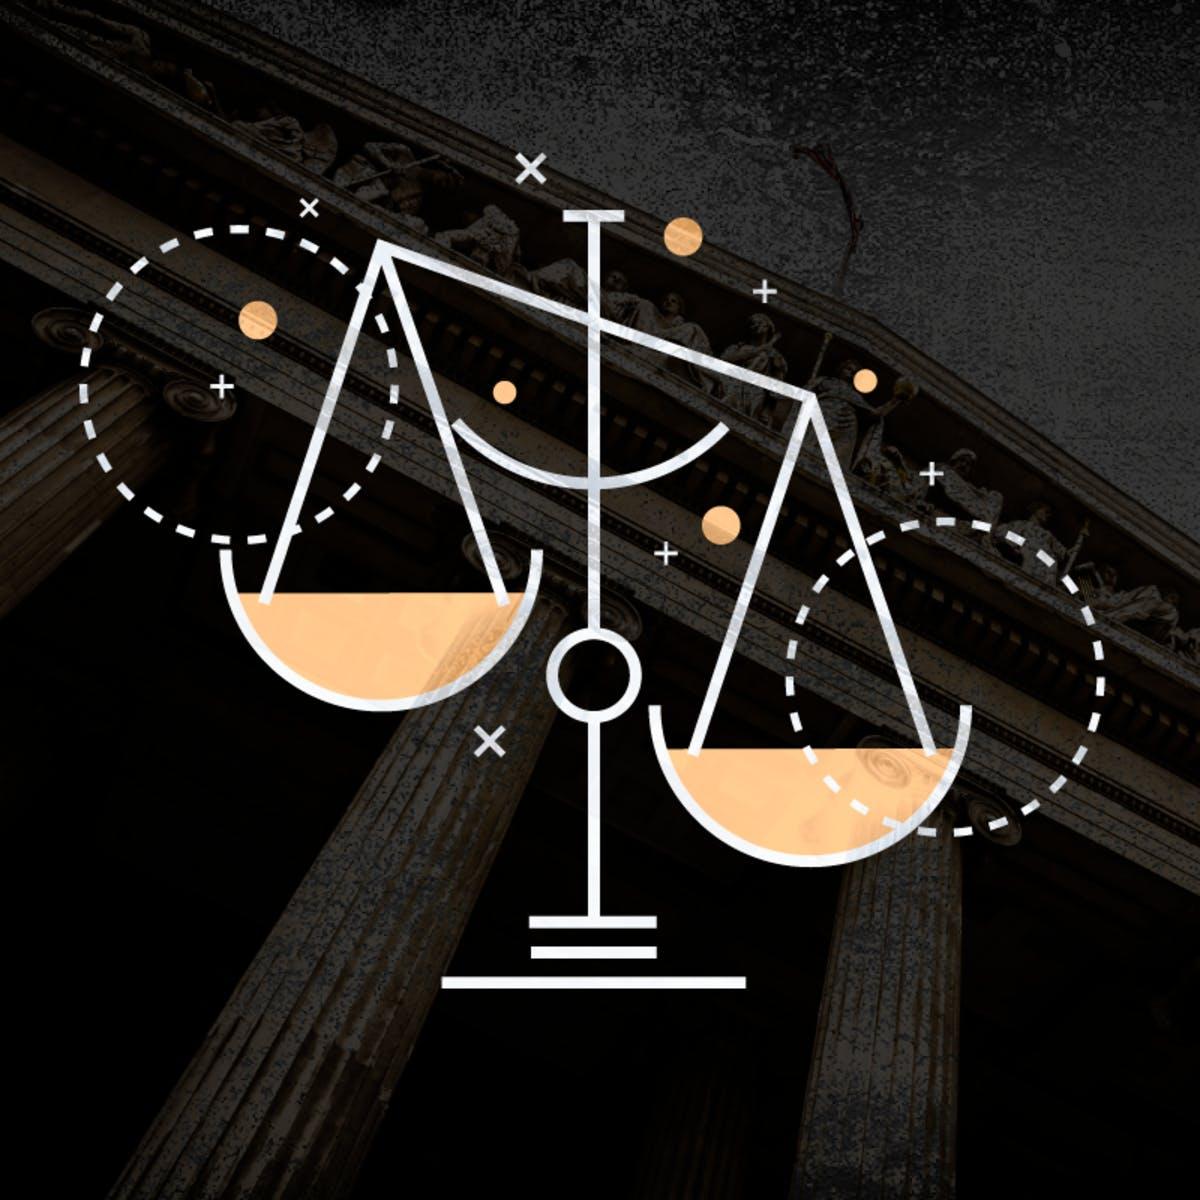 Consolidando empresas: Estrutura jurídica e financeira